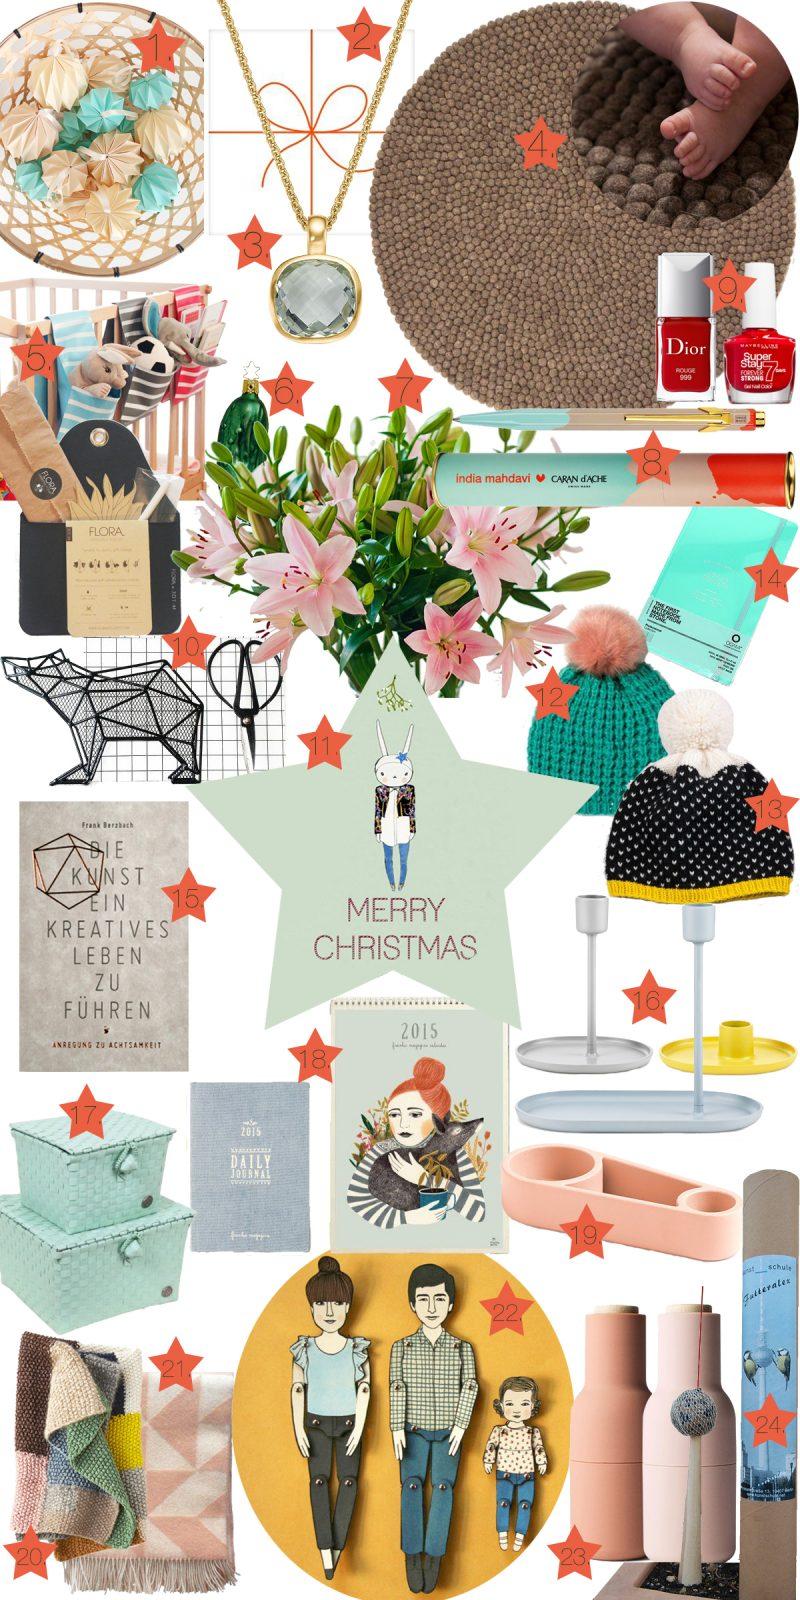 Adventskalender VERLOSUNG: Gewinne 1 von 4 Weihnachtsgeschenken ...